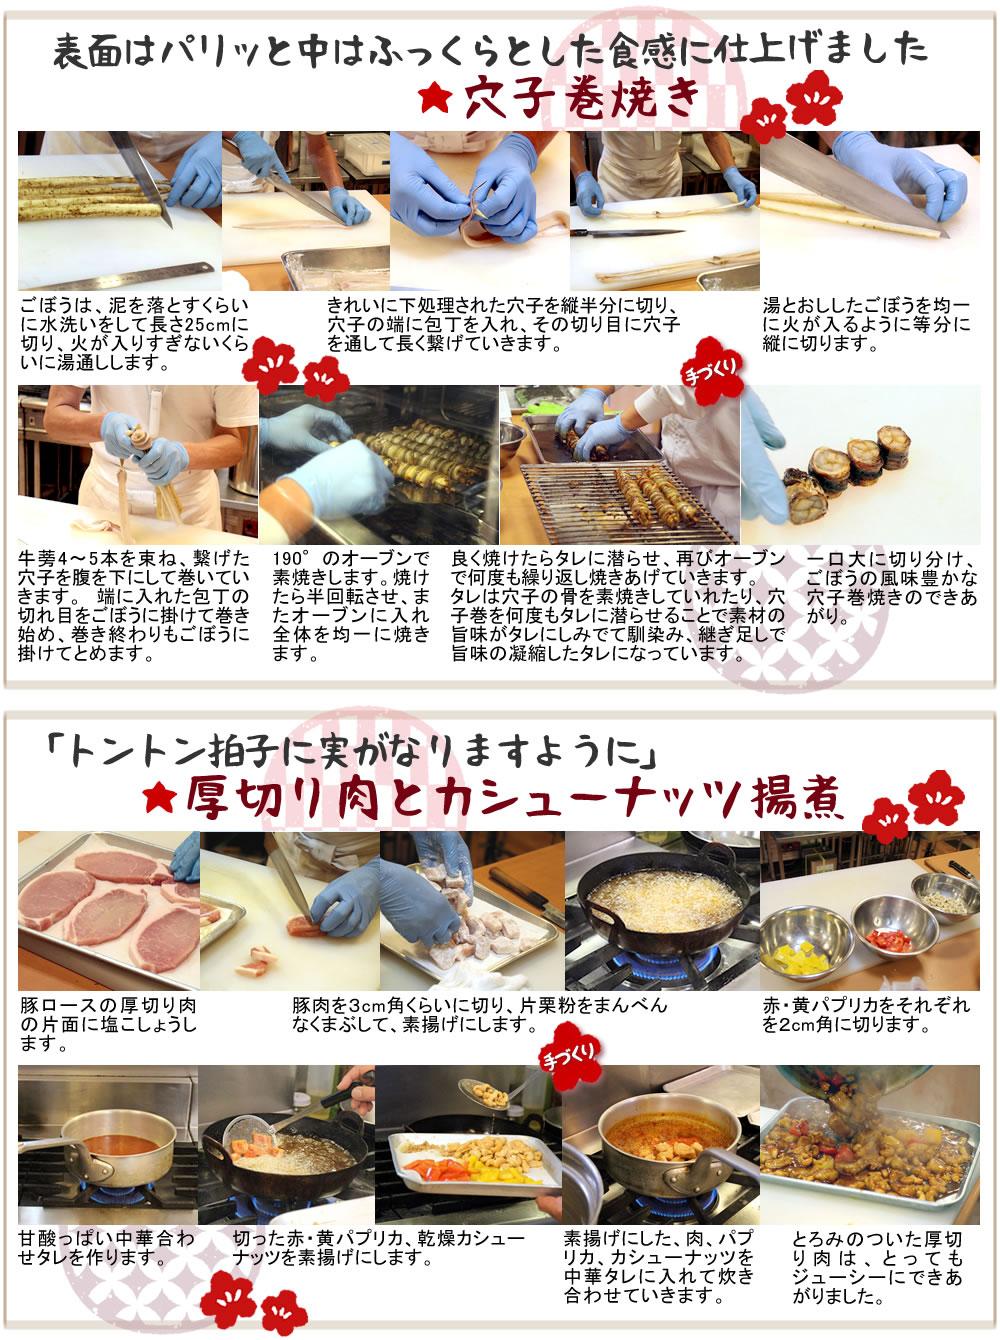 いやさか*メニュー作り方穴子巻、厚切り肉揚煮